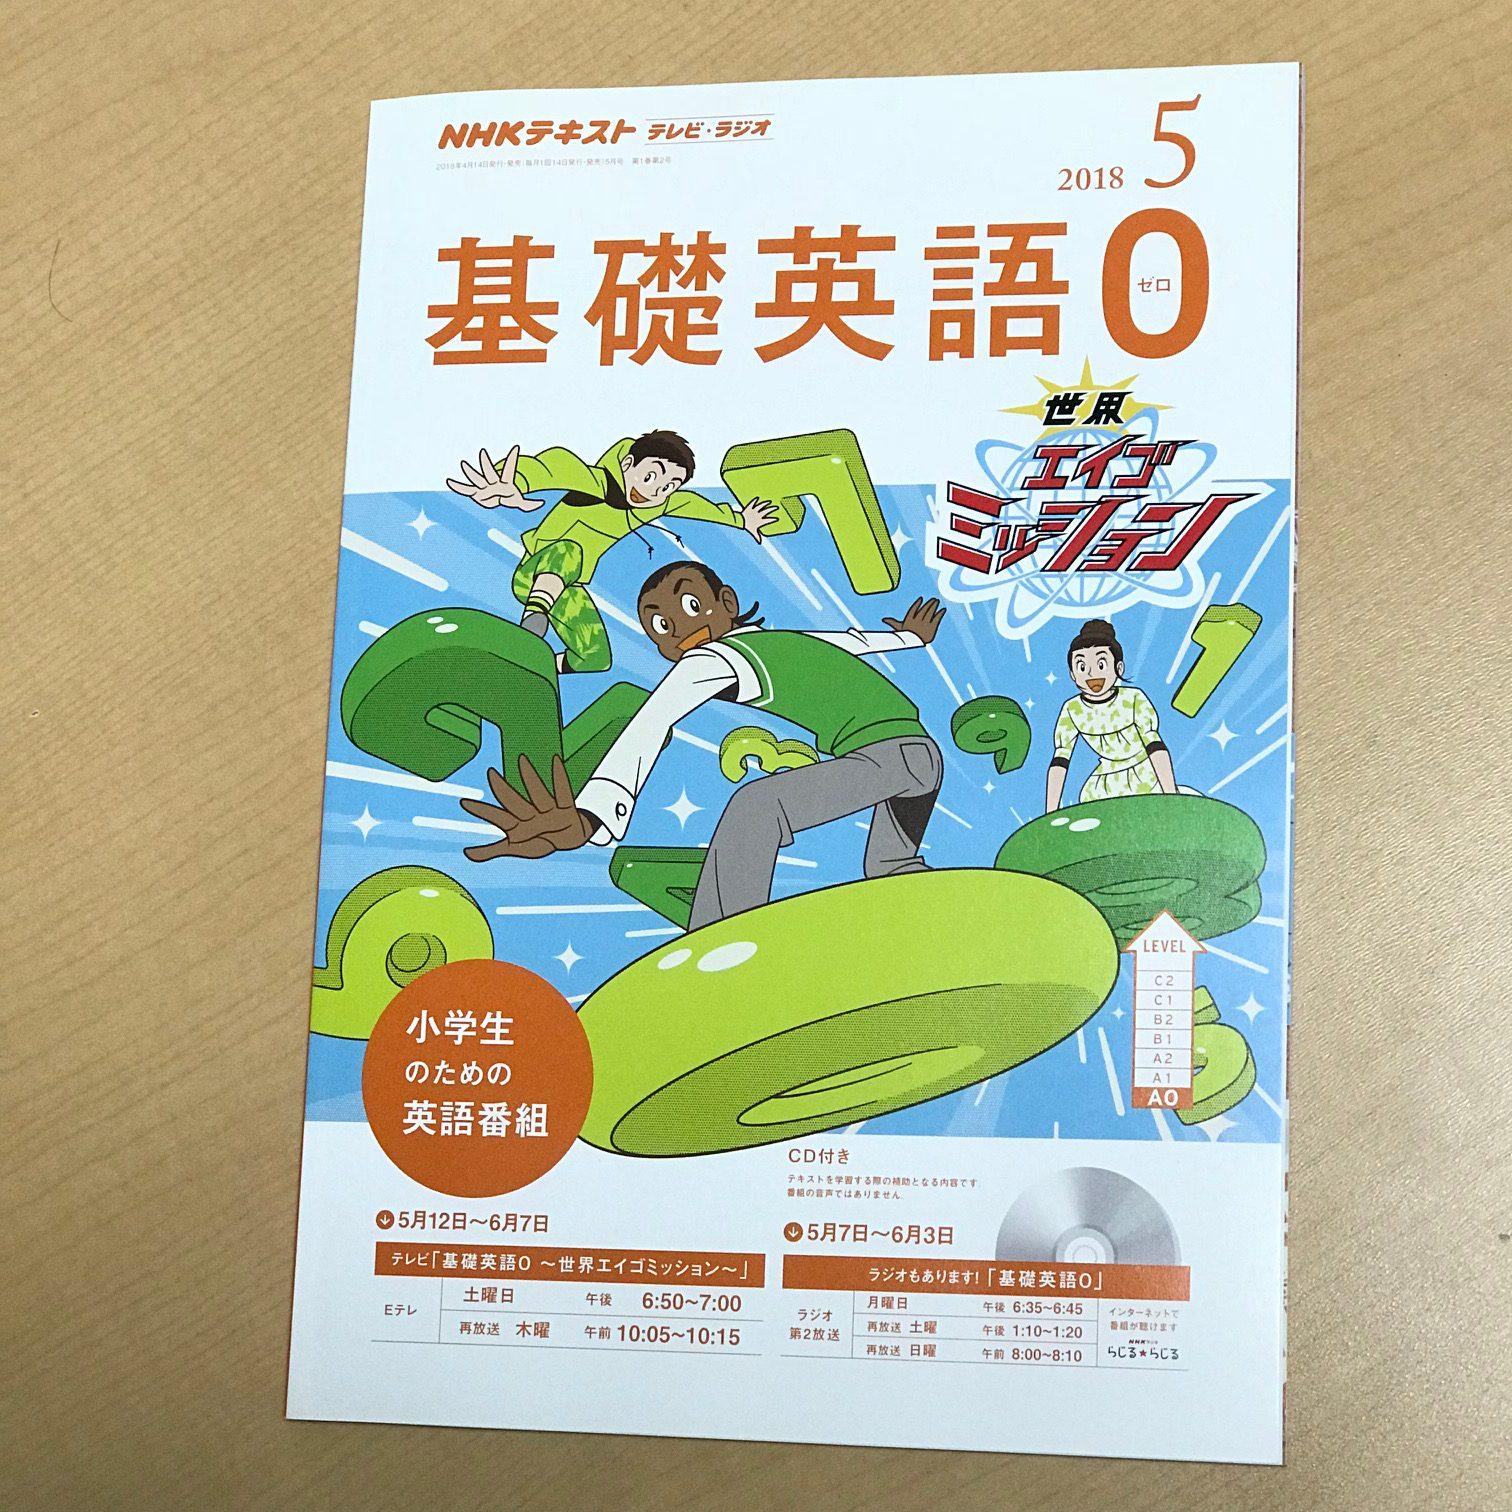 基礎英語9ゼロの5月号より編集協力に加わりました。